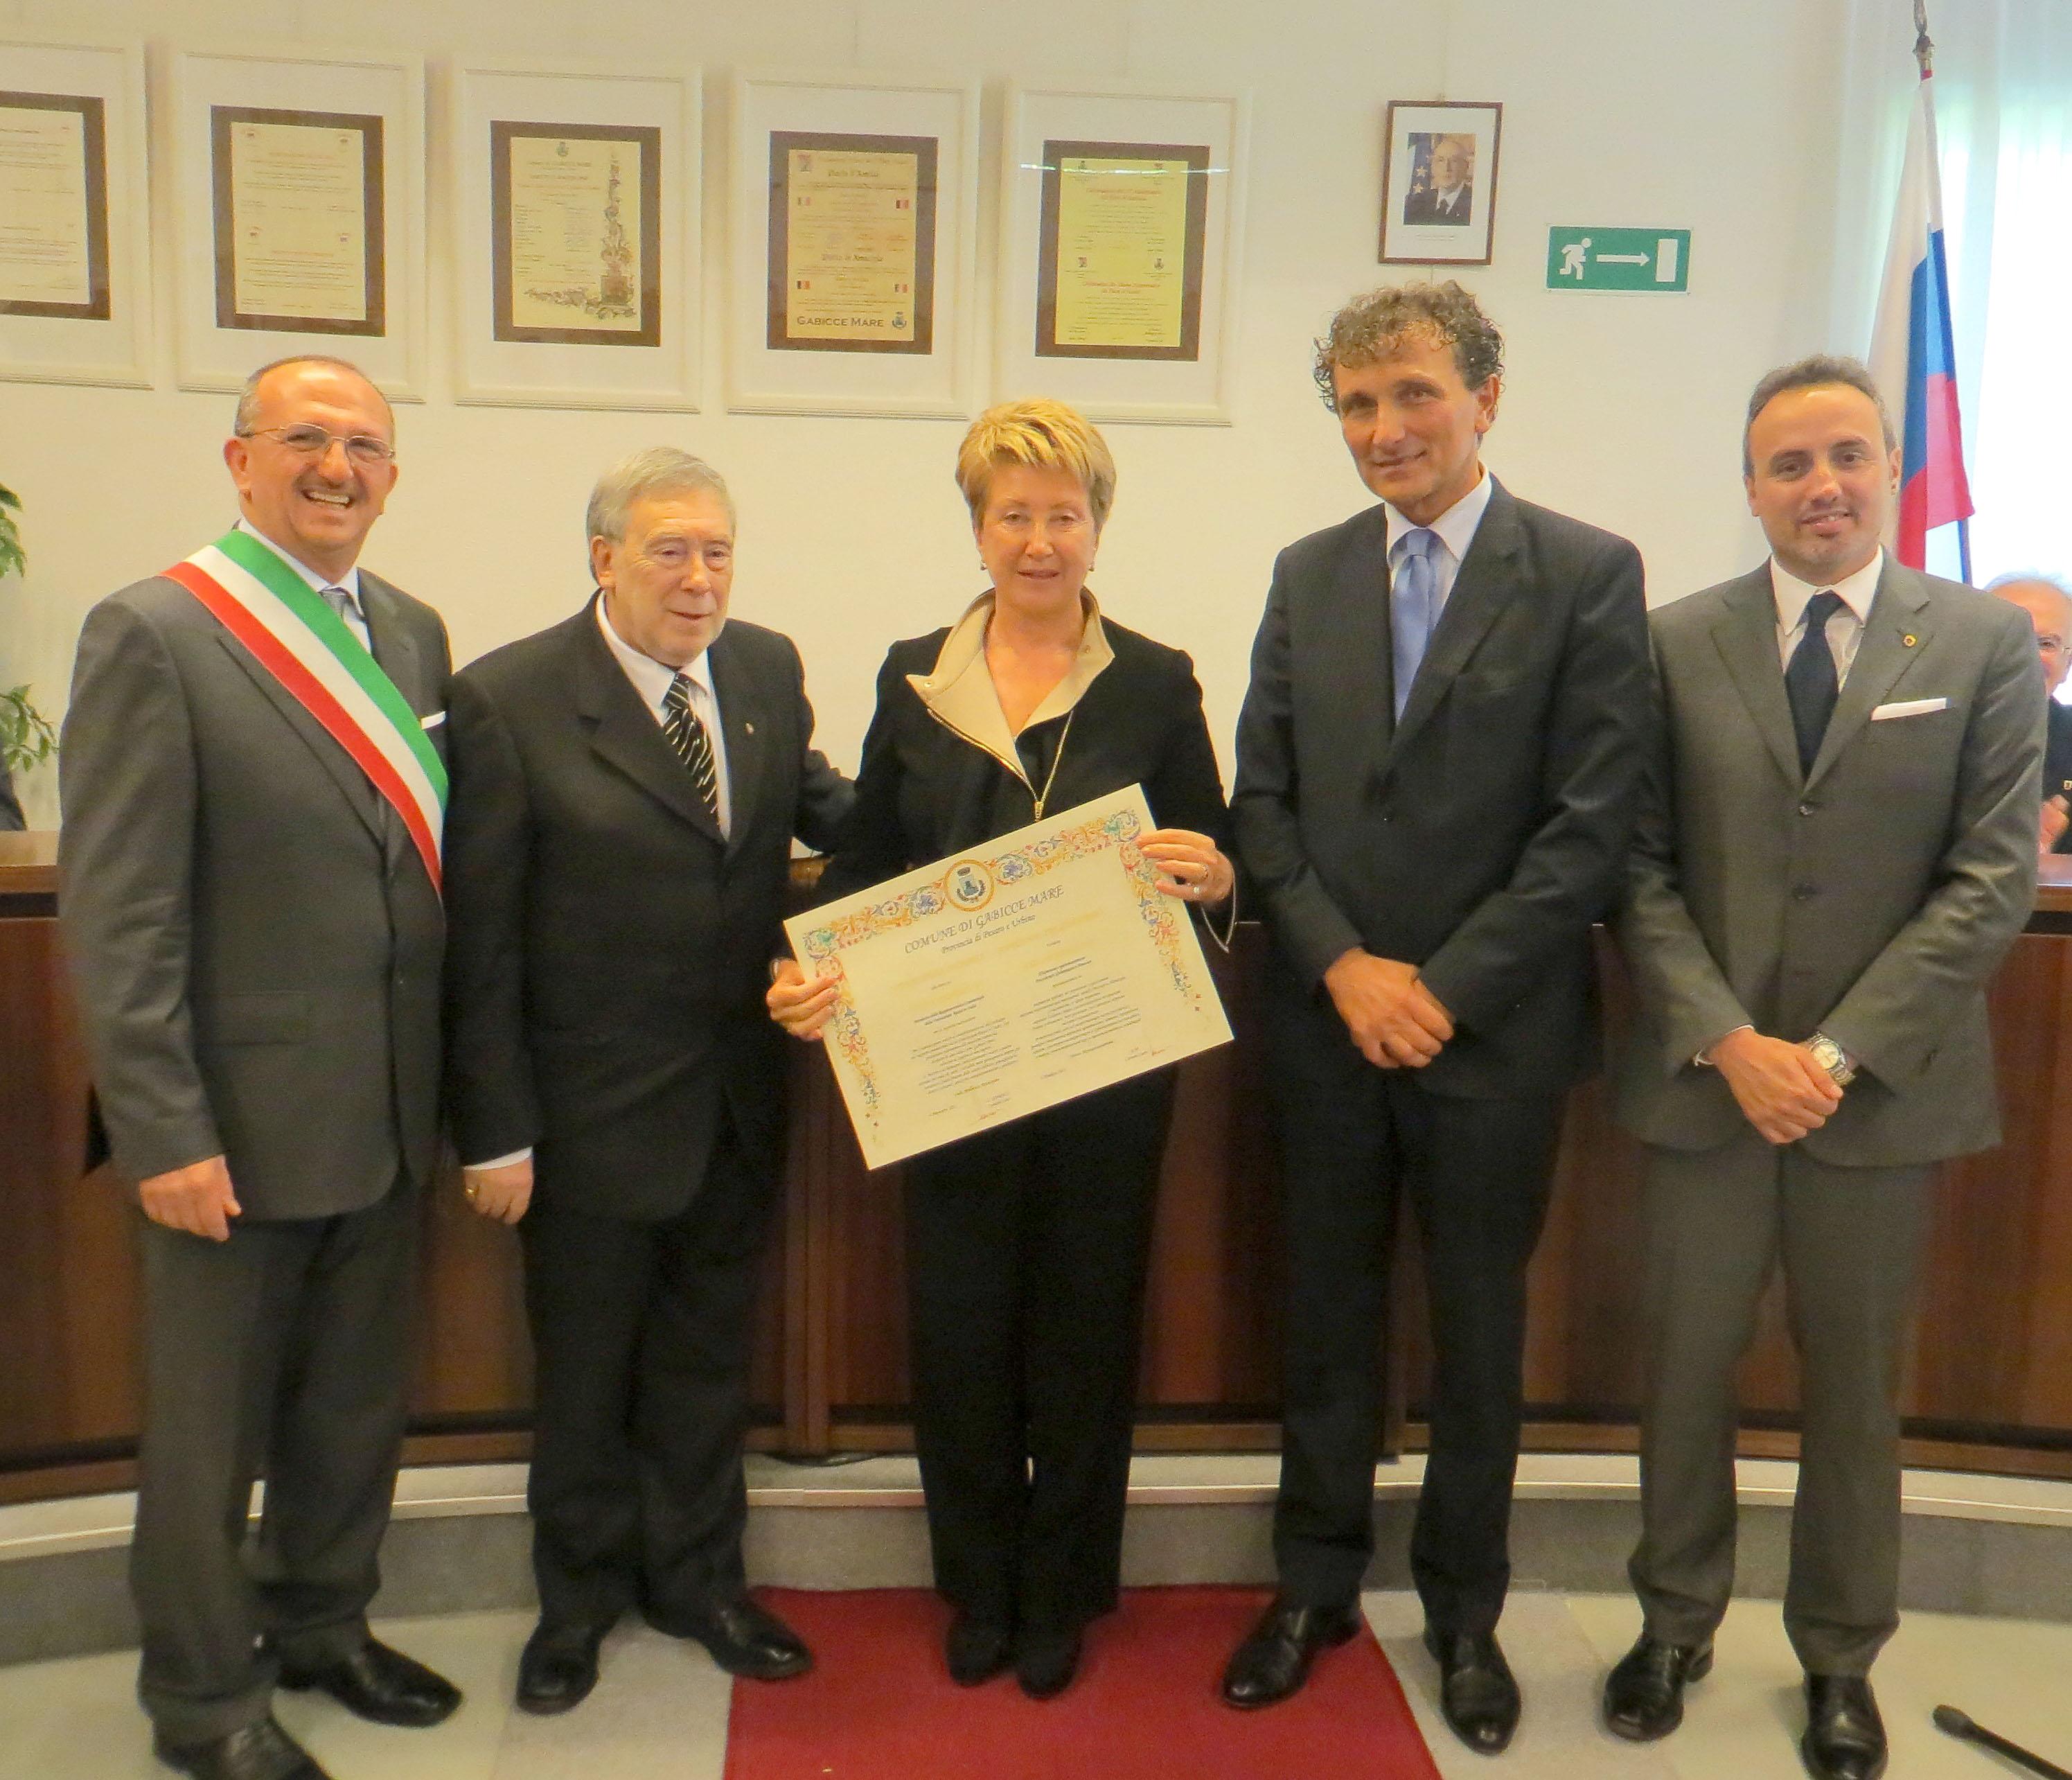 Conferita la cittadinanza onoraria di Gabicce Mare a Natela Scenghelija, Presidente della Rappresentanza Commerciale della Federazione Russa nella Repubblica Italiana.